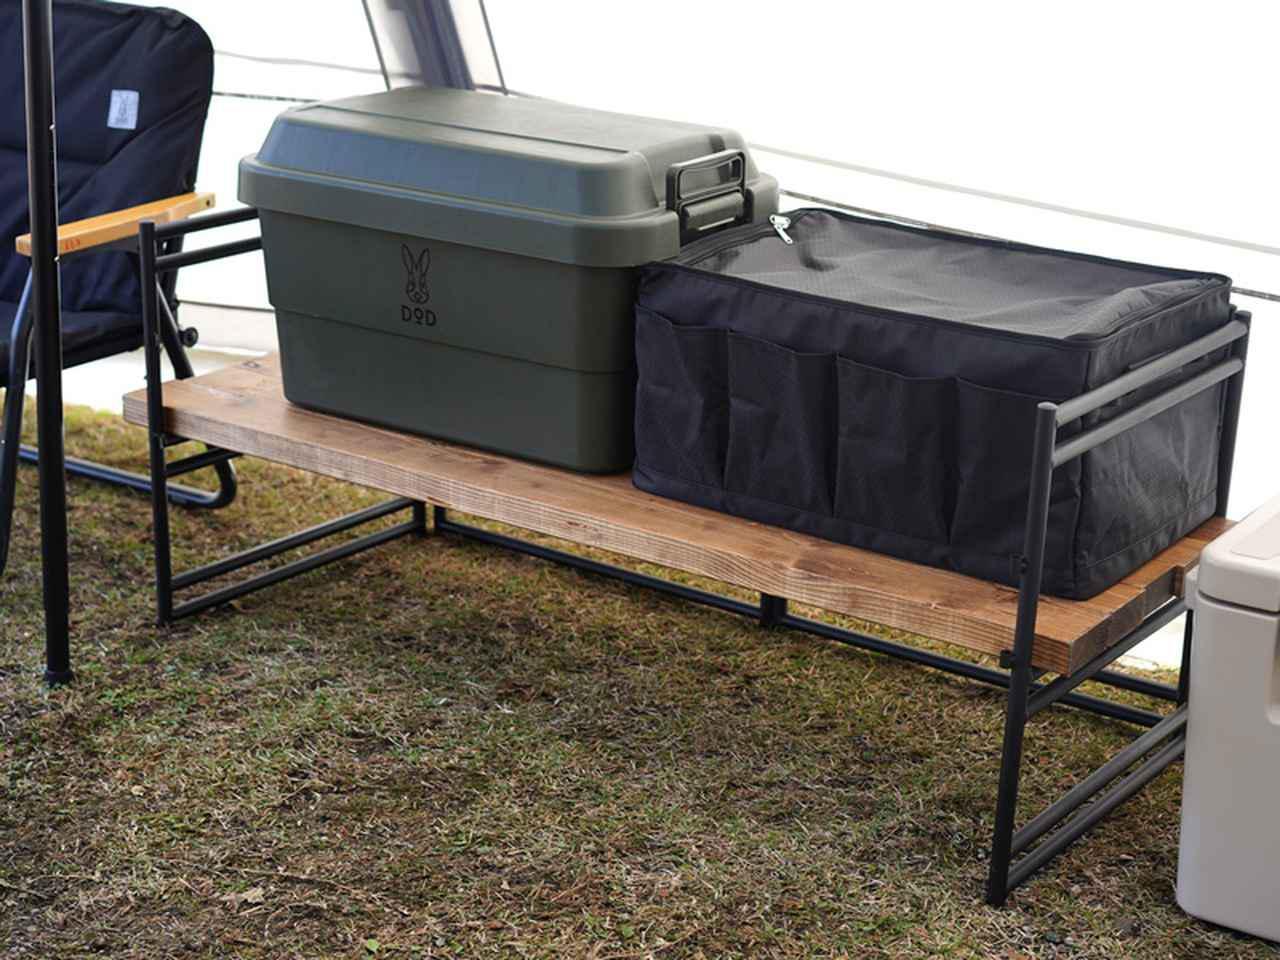 画像: テント室内でのギアの整理棚として